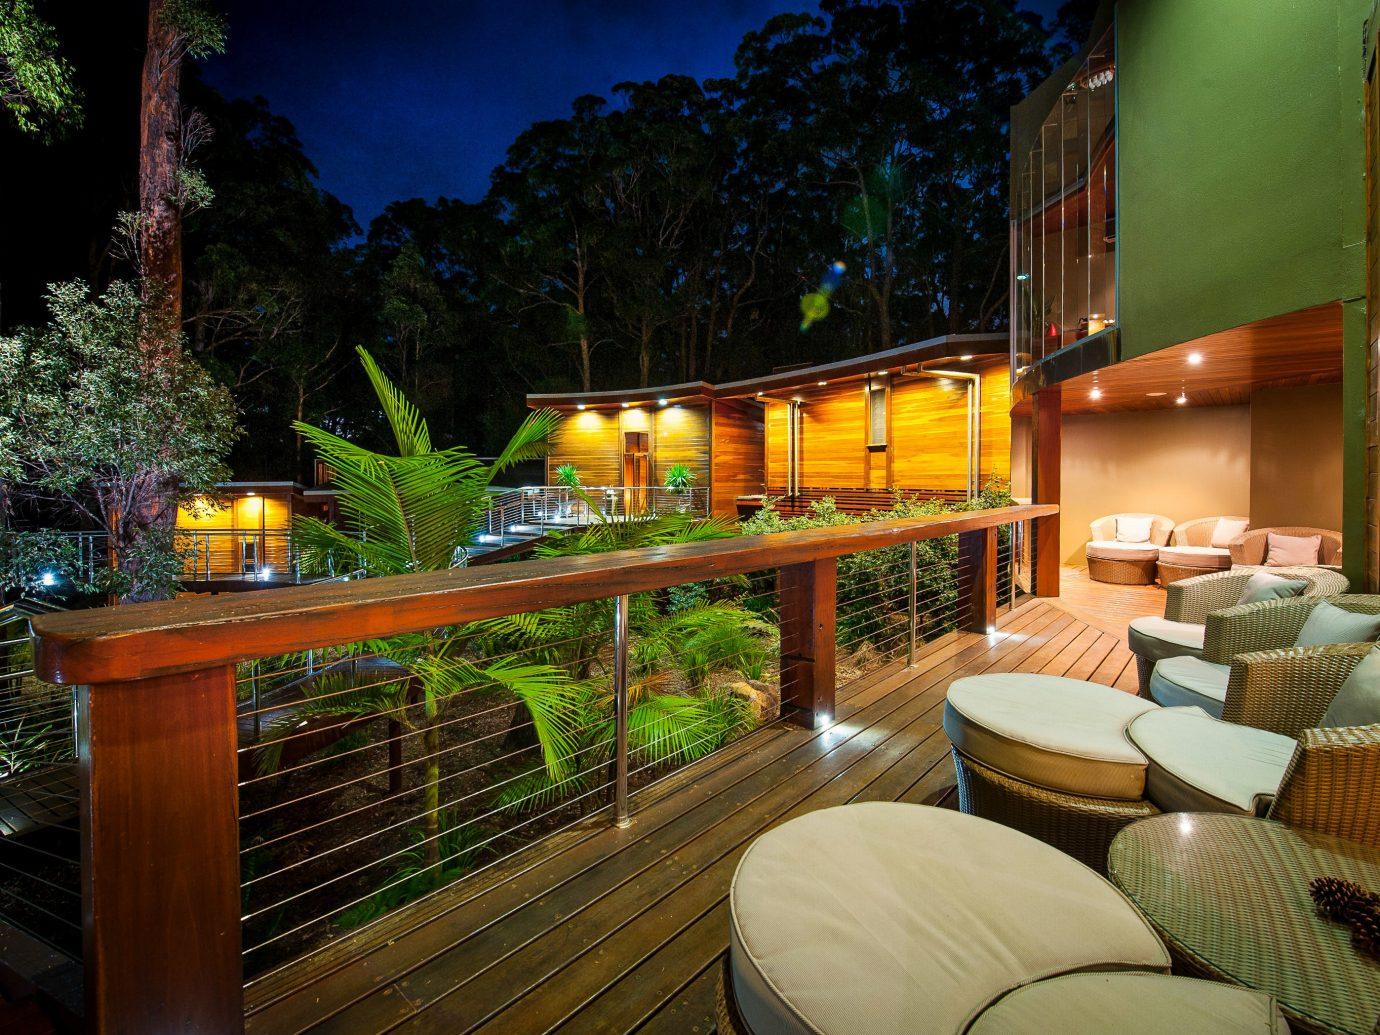 Celebs Hotels lighting real estate home estate landscape lighting interior design Resort outdoor structure